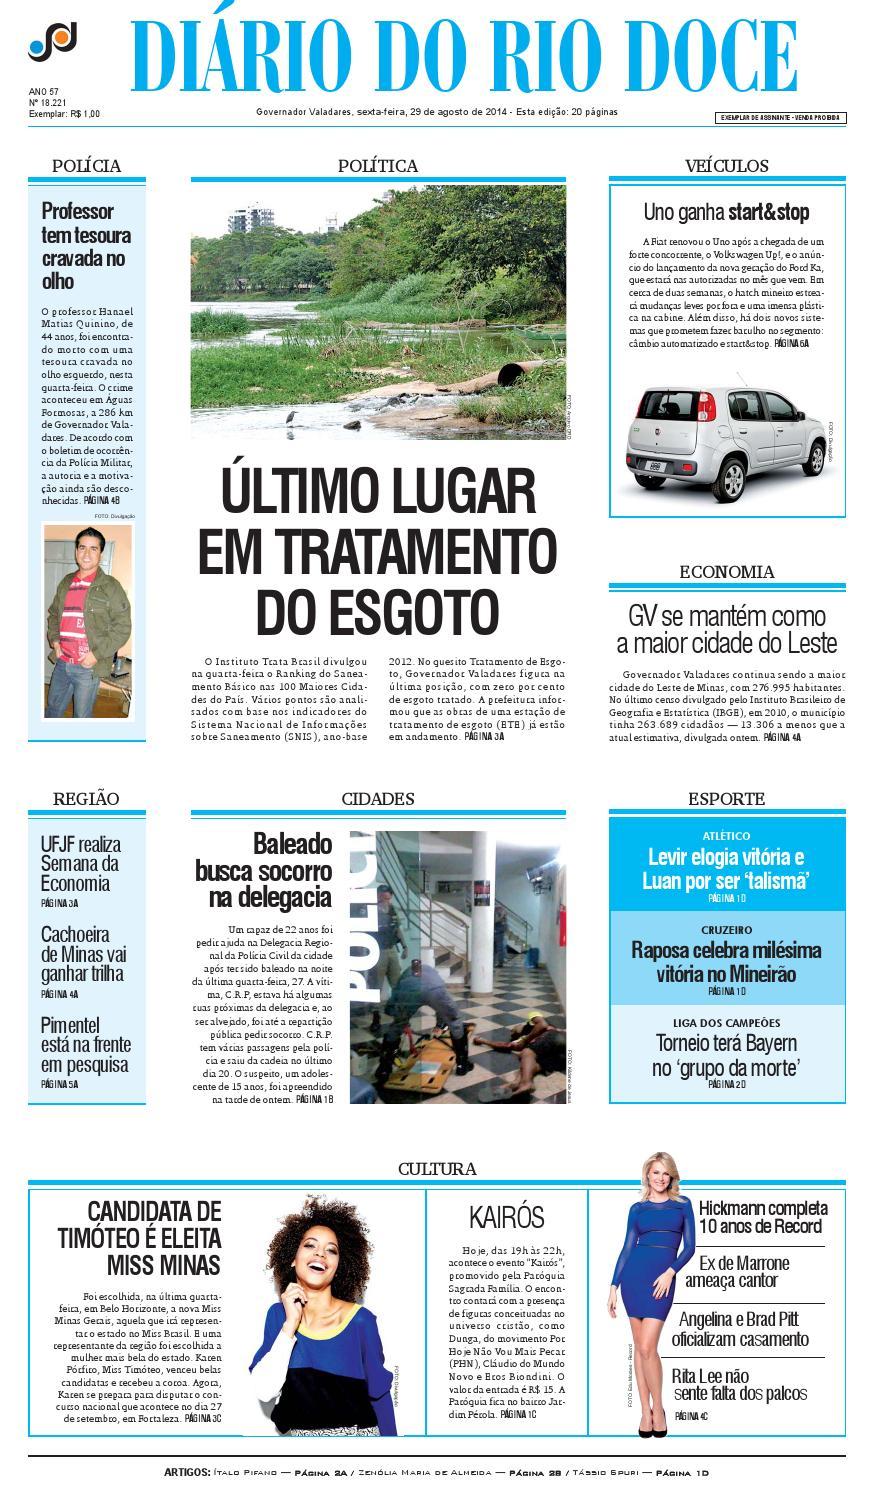 Diário do Rio Doce - Edição de 29 08 2014 by Diário do Rio Doce - issuu f1b5074fe41cc